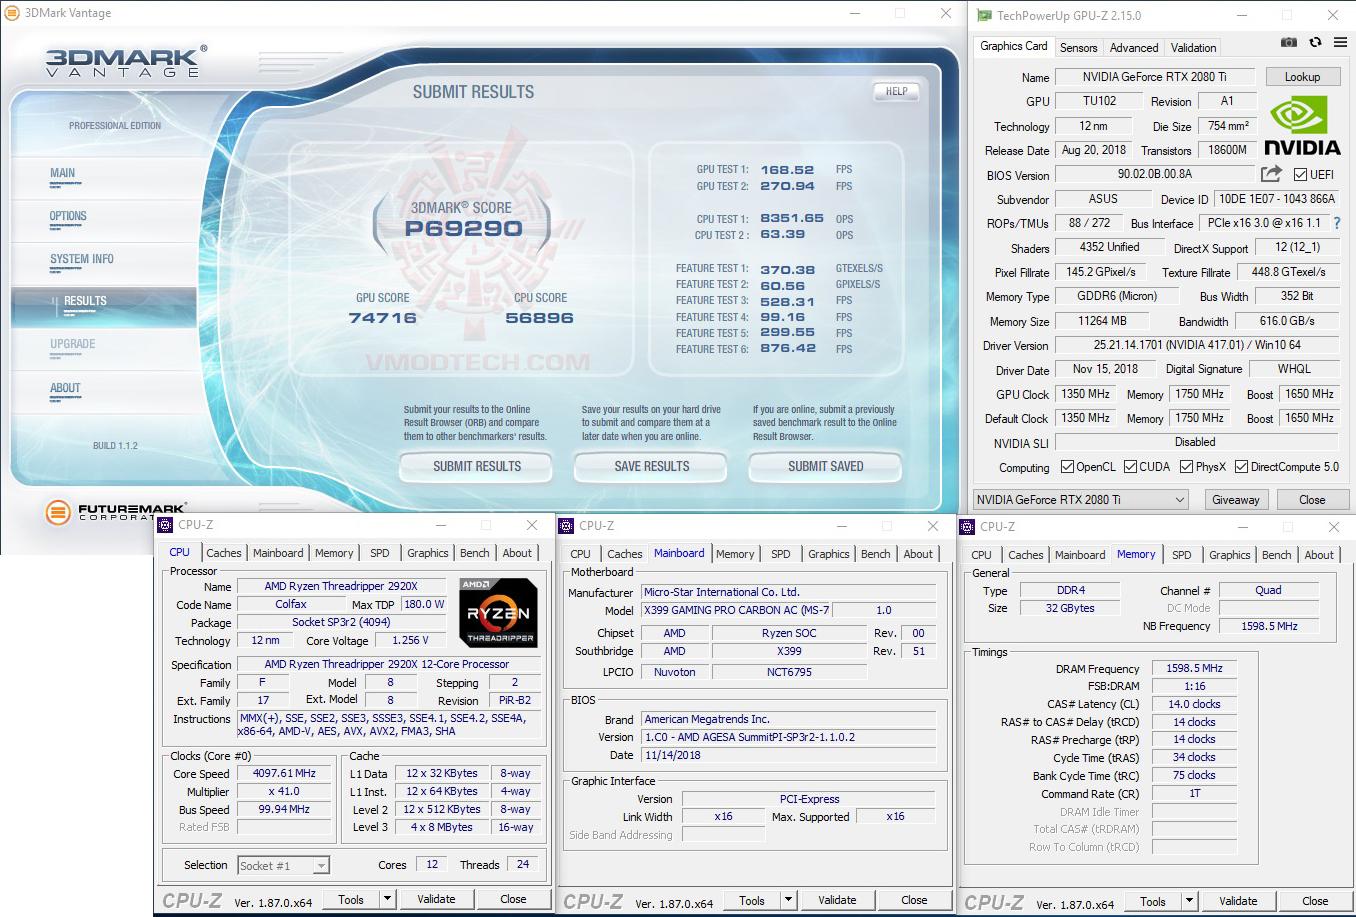 vt AMD RYZEN THREADRIPPER 2920X PROCESSOR REVIEW